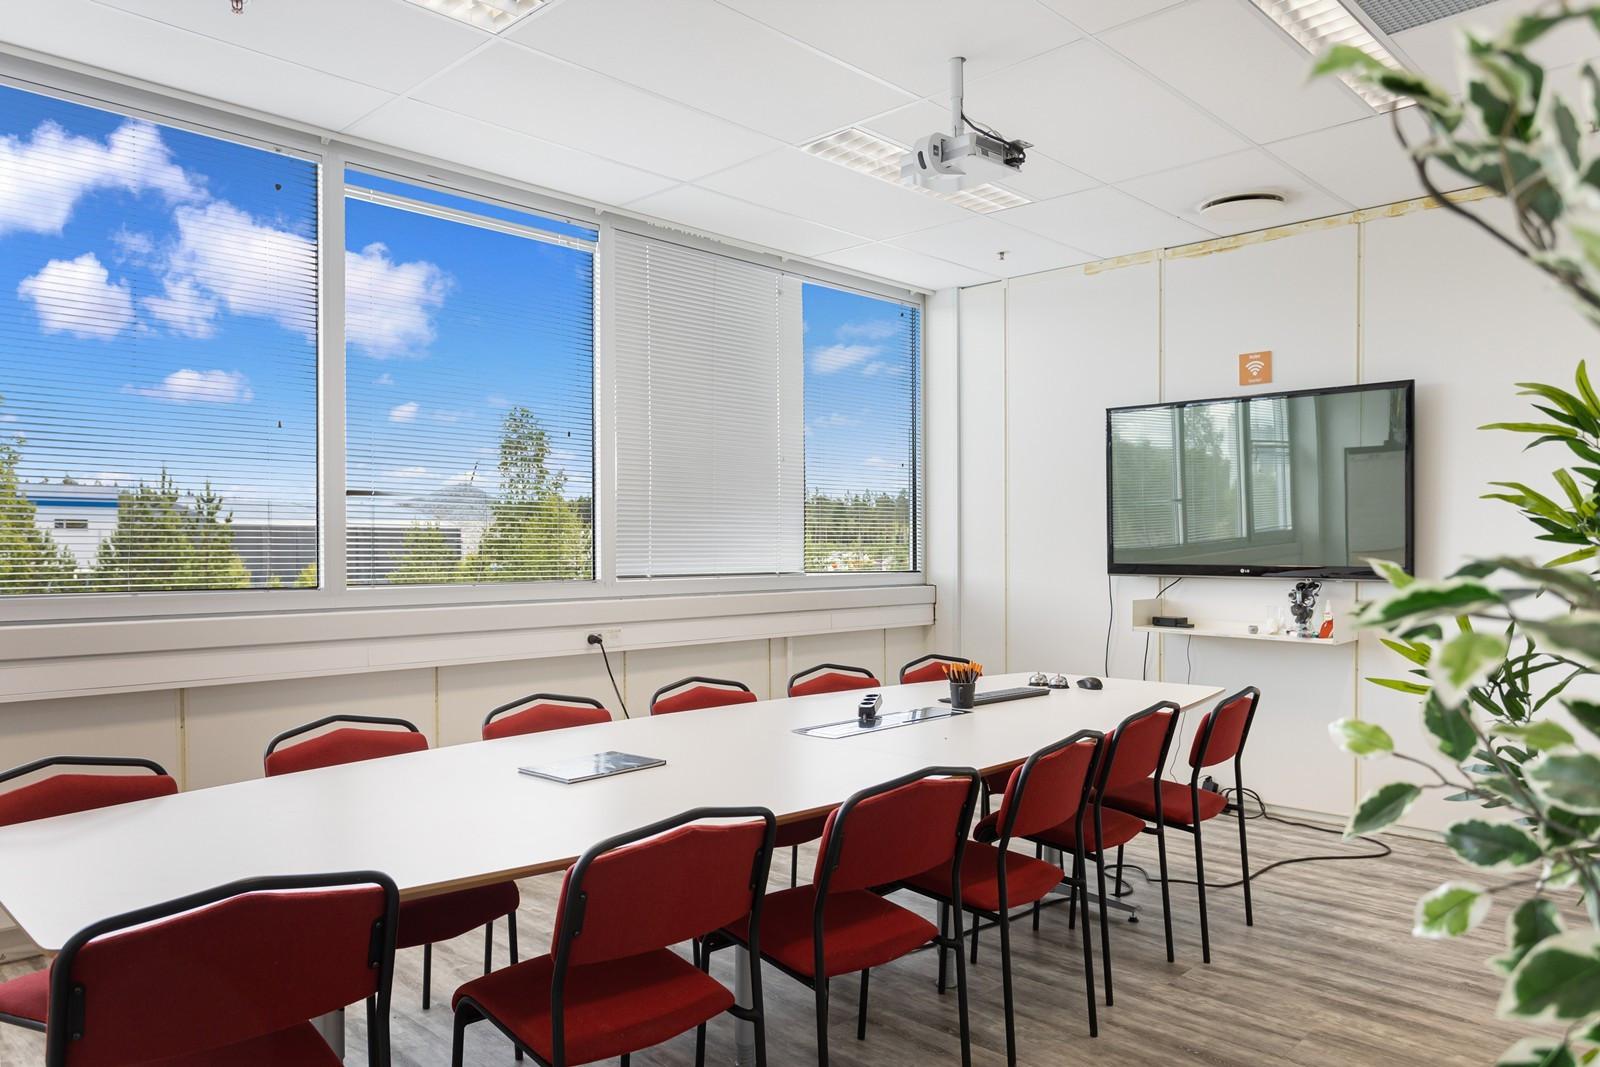 Stort møterom med gode lysforhold